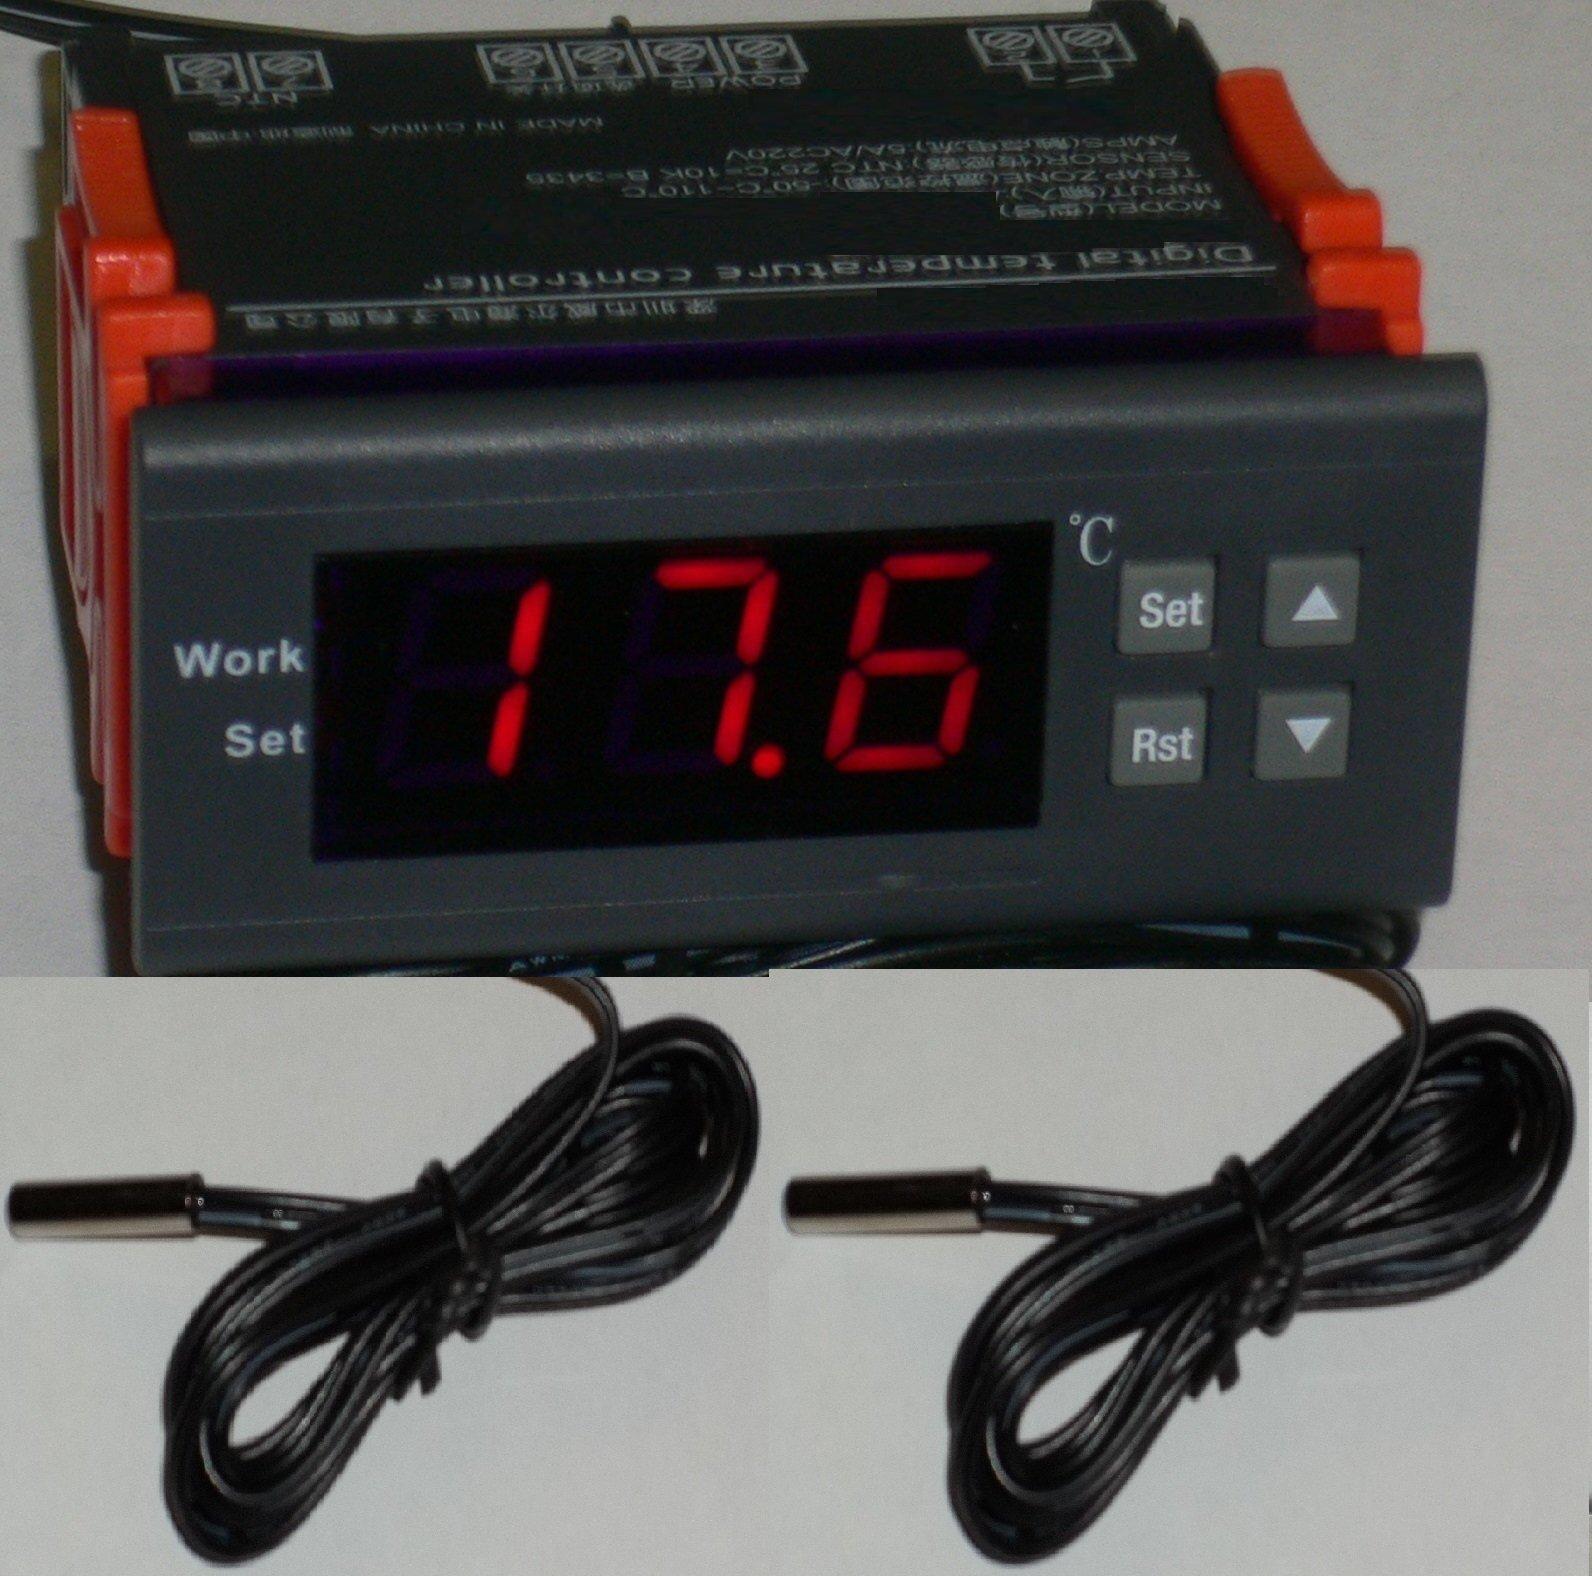 Happybuy Temperature Controller, 2 Sensors by Happybuy